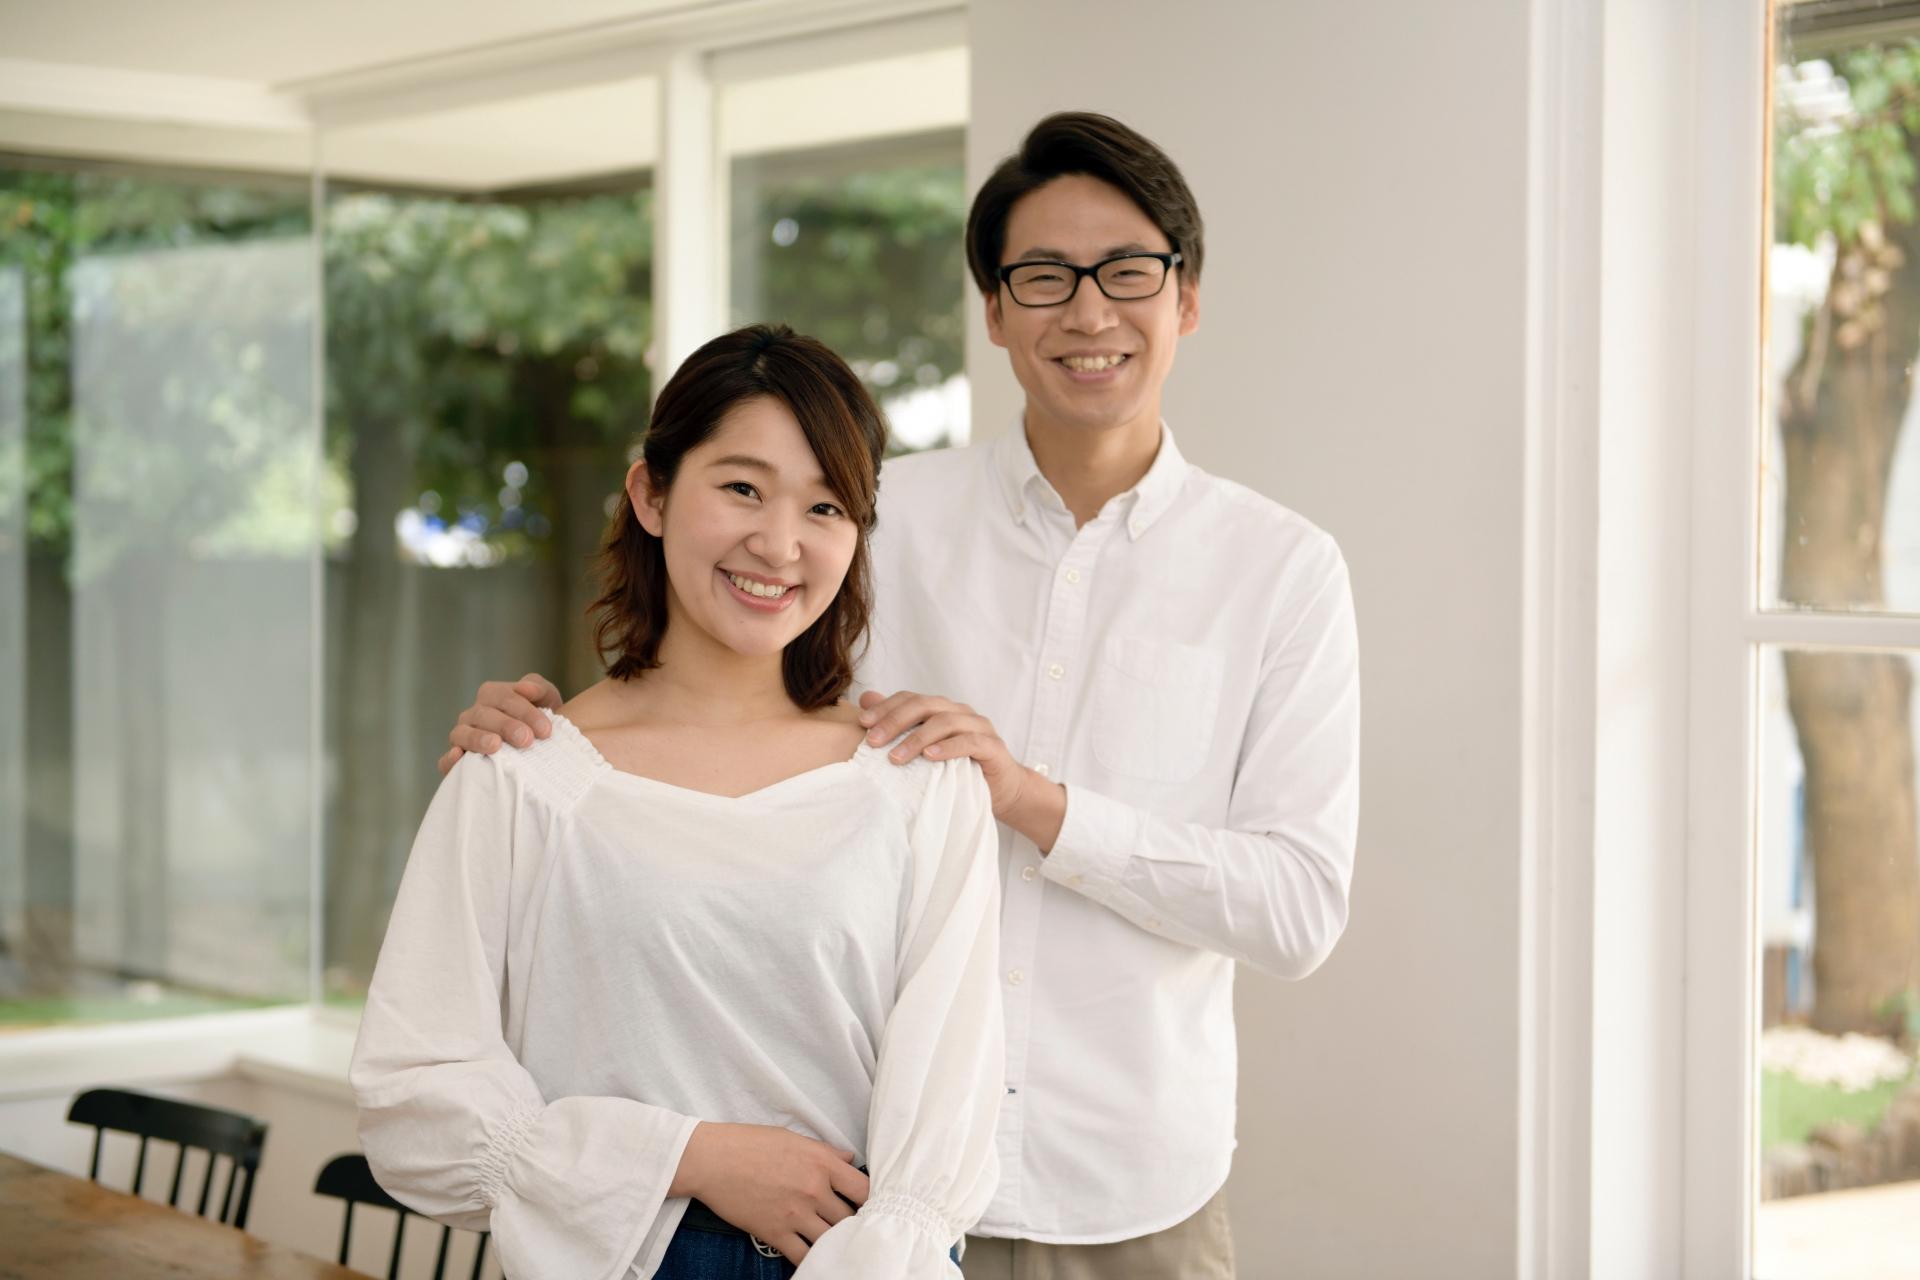 三重県探偵ブログ 夫婦平等について考えよう!